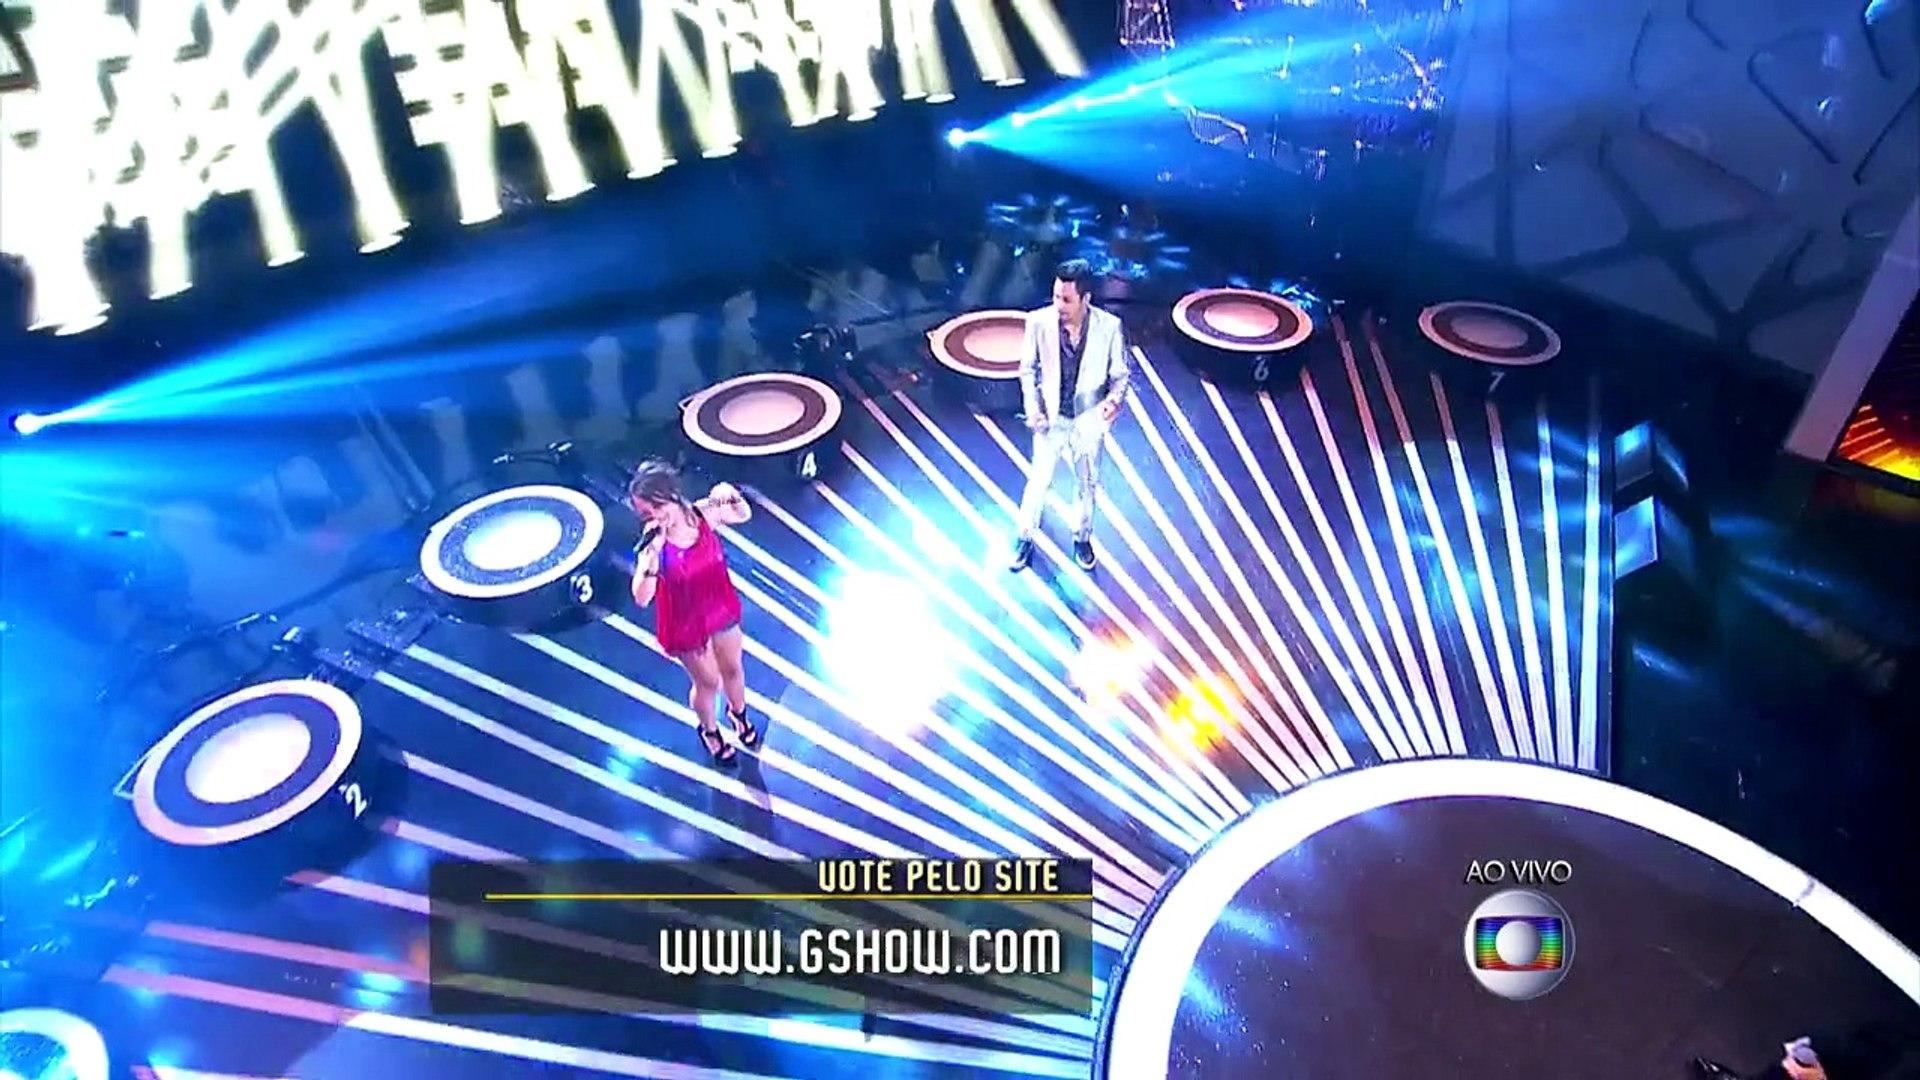 OS ILUMINADOS - Final da estreia - A primeira campeã é Bárbara Dias - Domingão do Faustão 22-02-2015